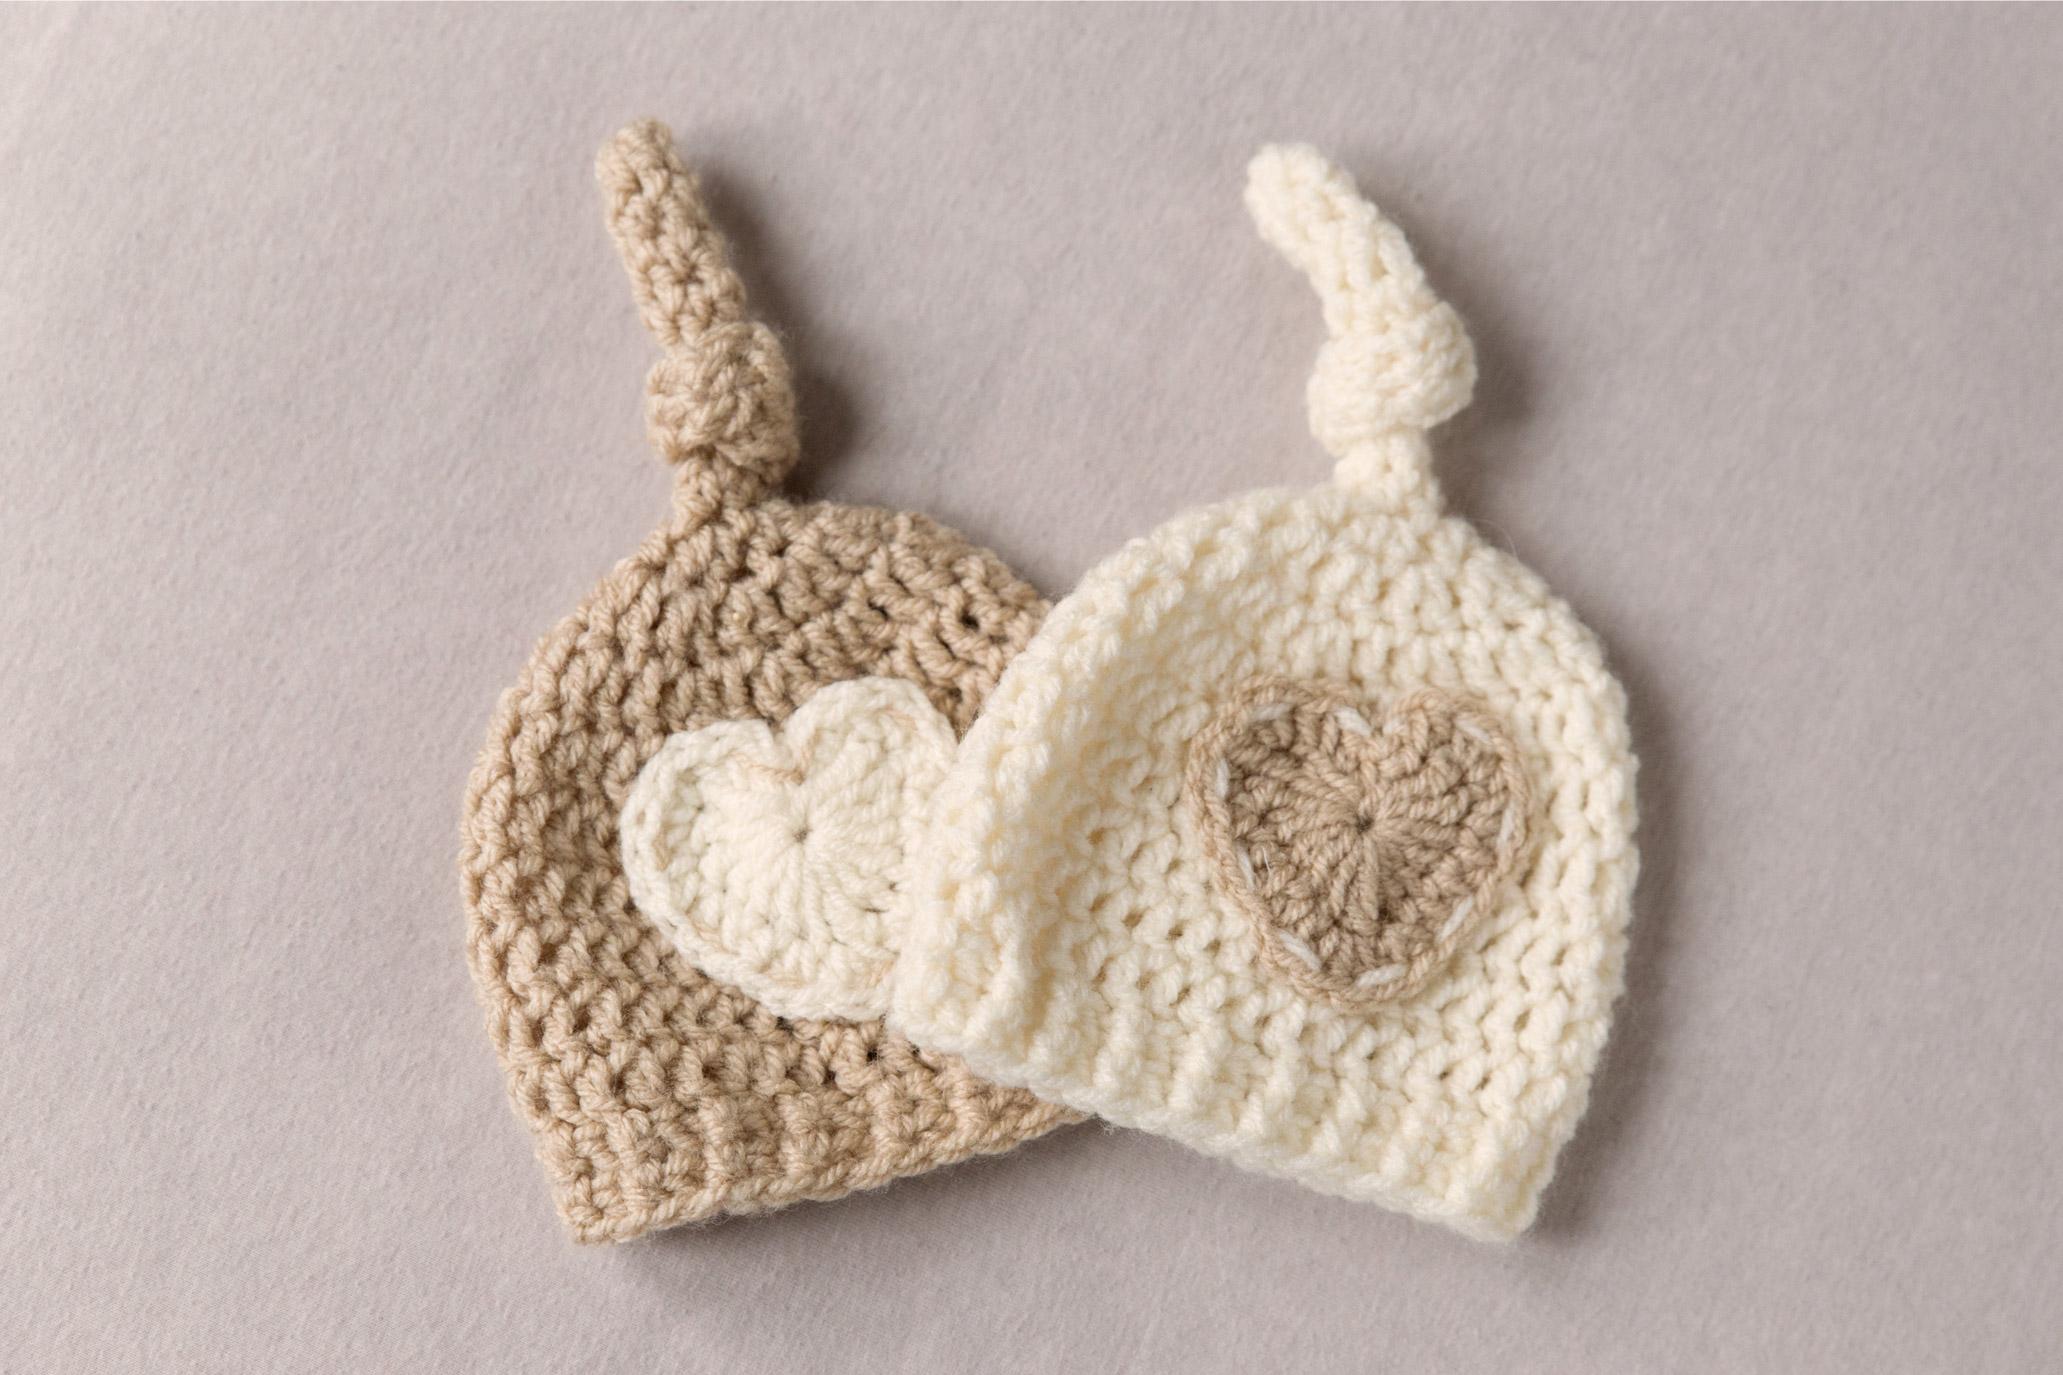 newborn-photos-st-albans-props-heart-hats.jpg